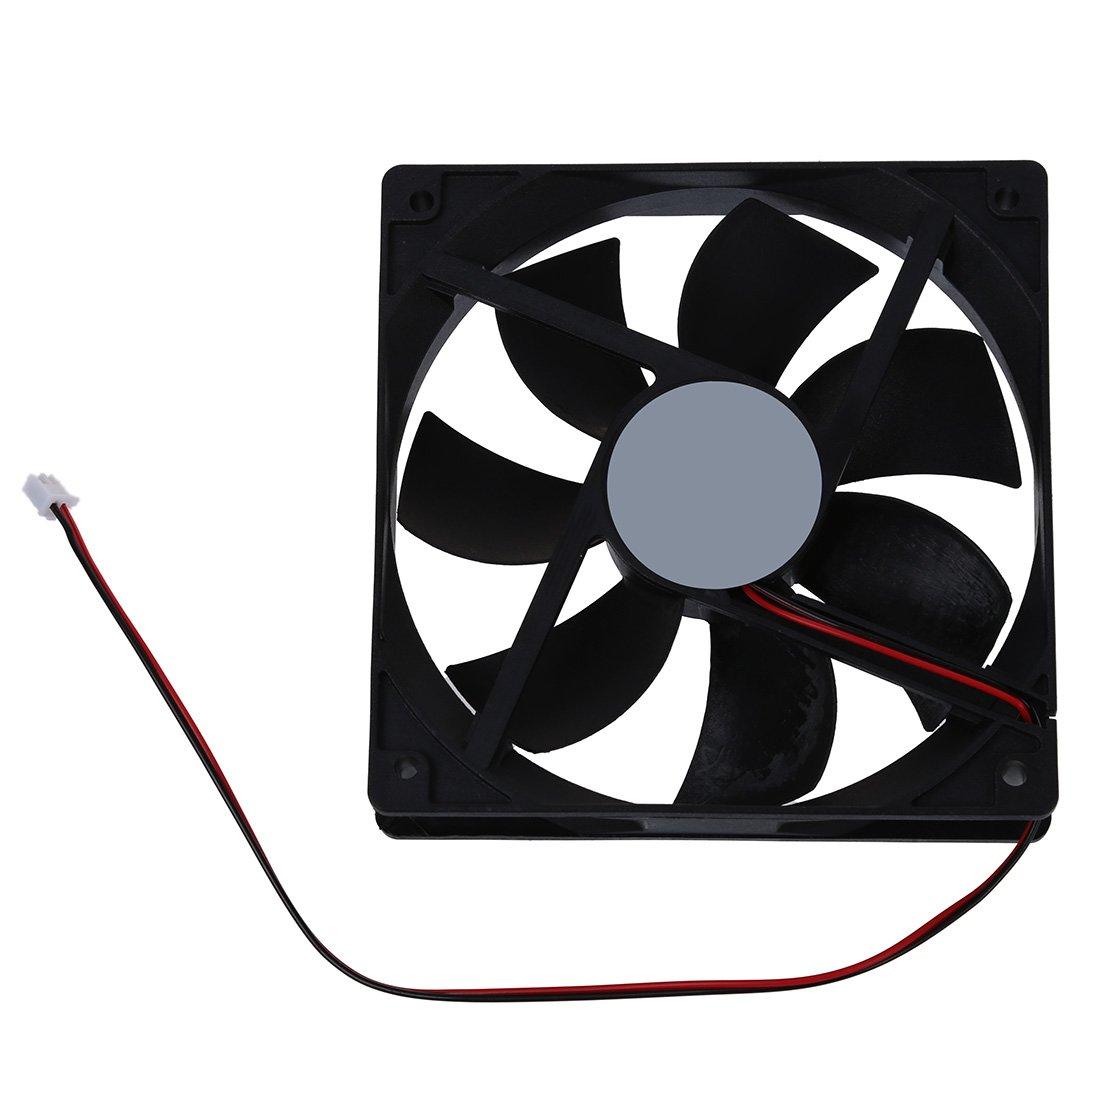 R 120 millimetri x 25mm 12V 2Pin manica cuscinetto ventola di raffreddamento per Computer Case SODIAL